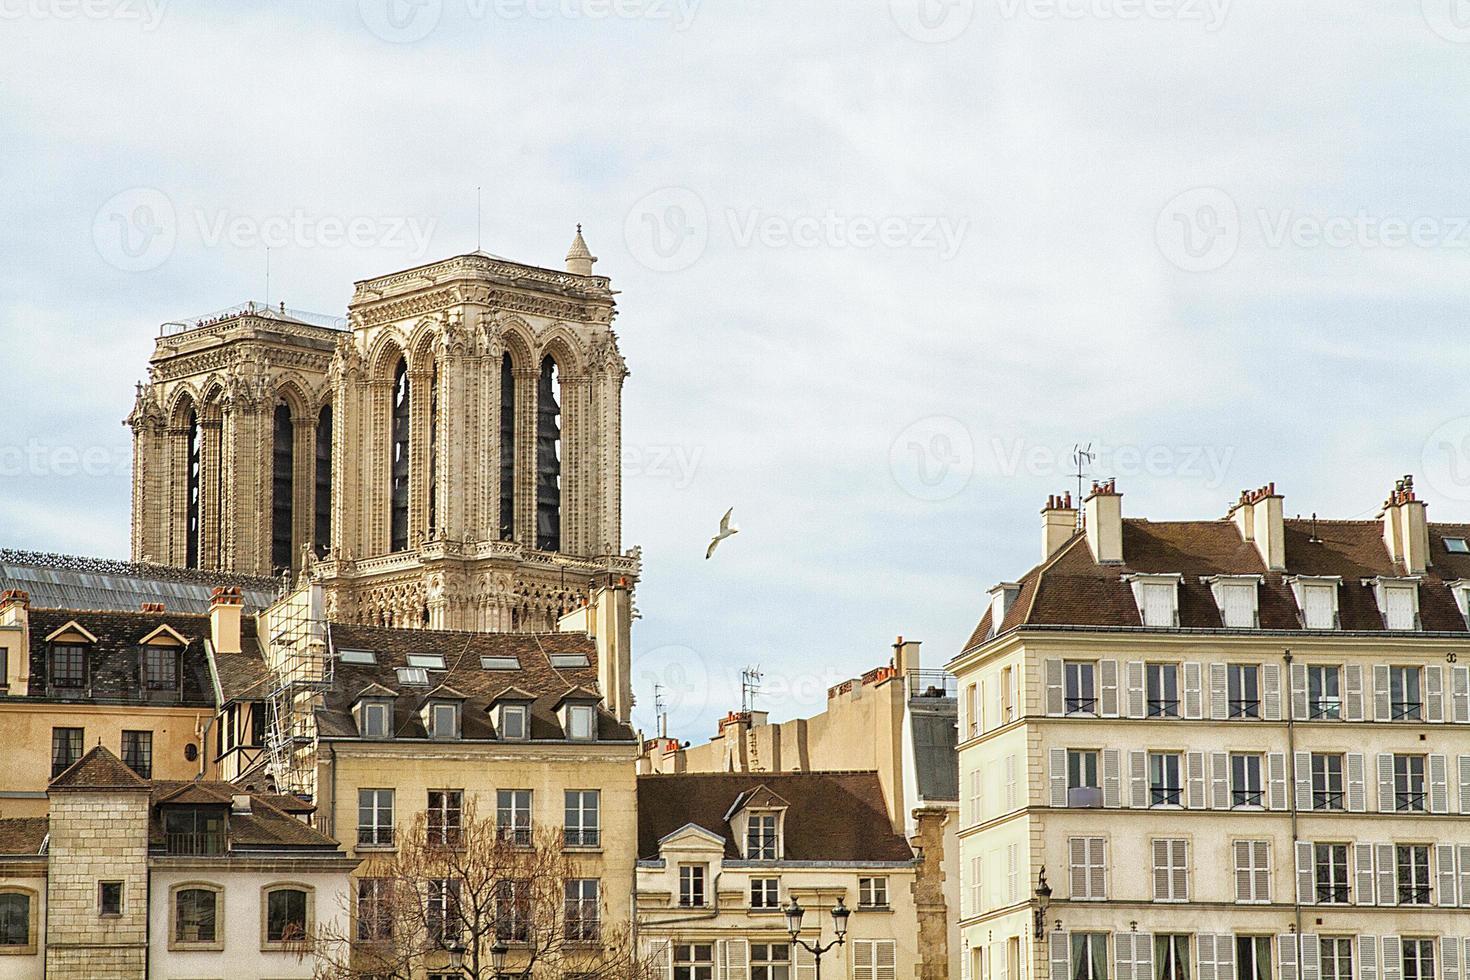 kathedraal Notre-Dame de Paris uitzicht vanaf de Seine foto